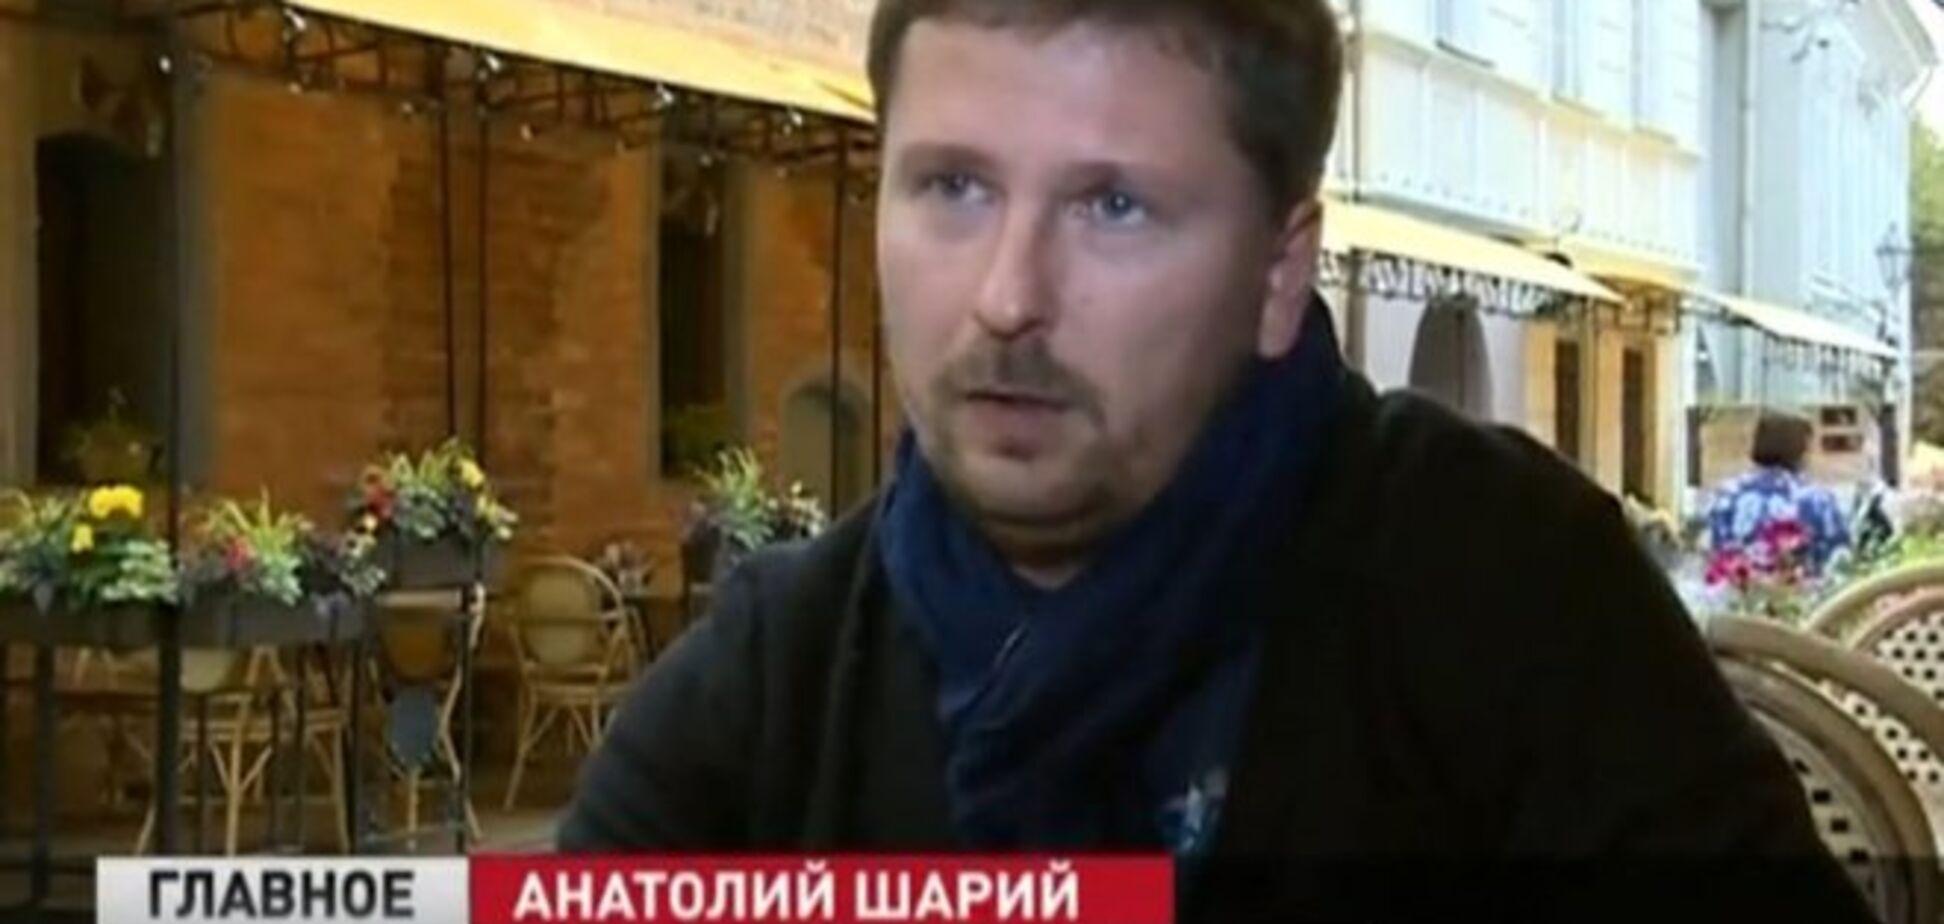 СМИ: Шарию грозит выдворение из Евросоюза из-за кремлевской пропаганды